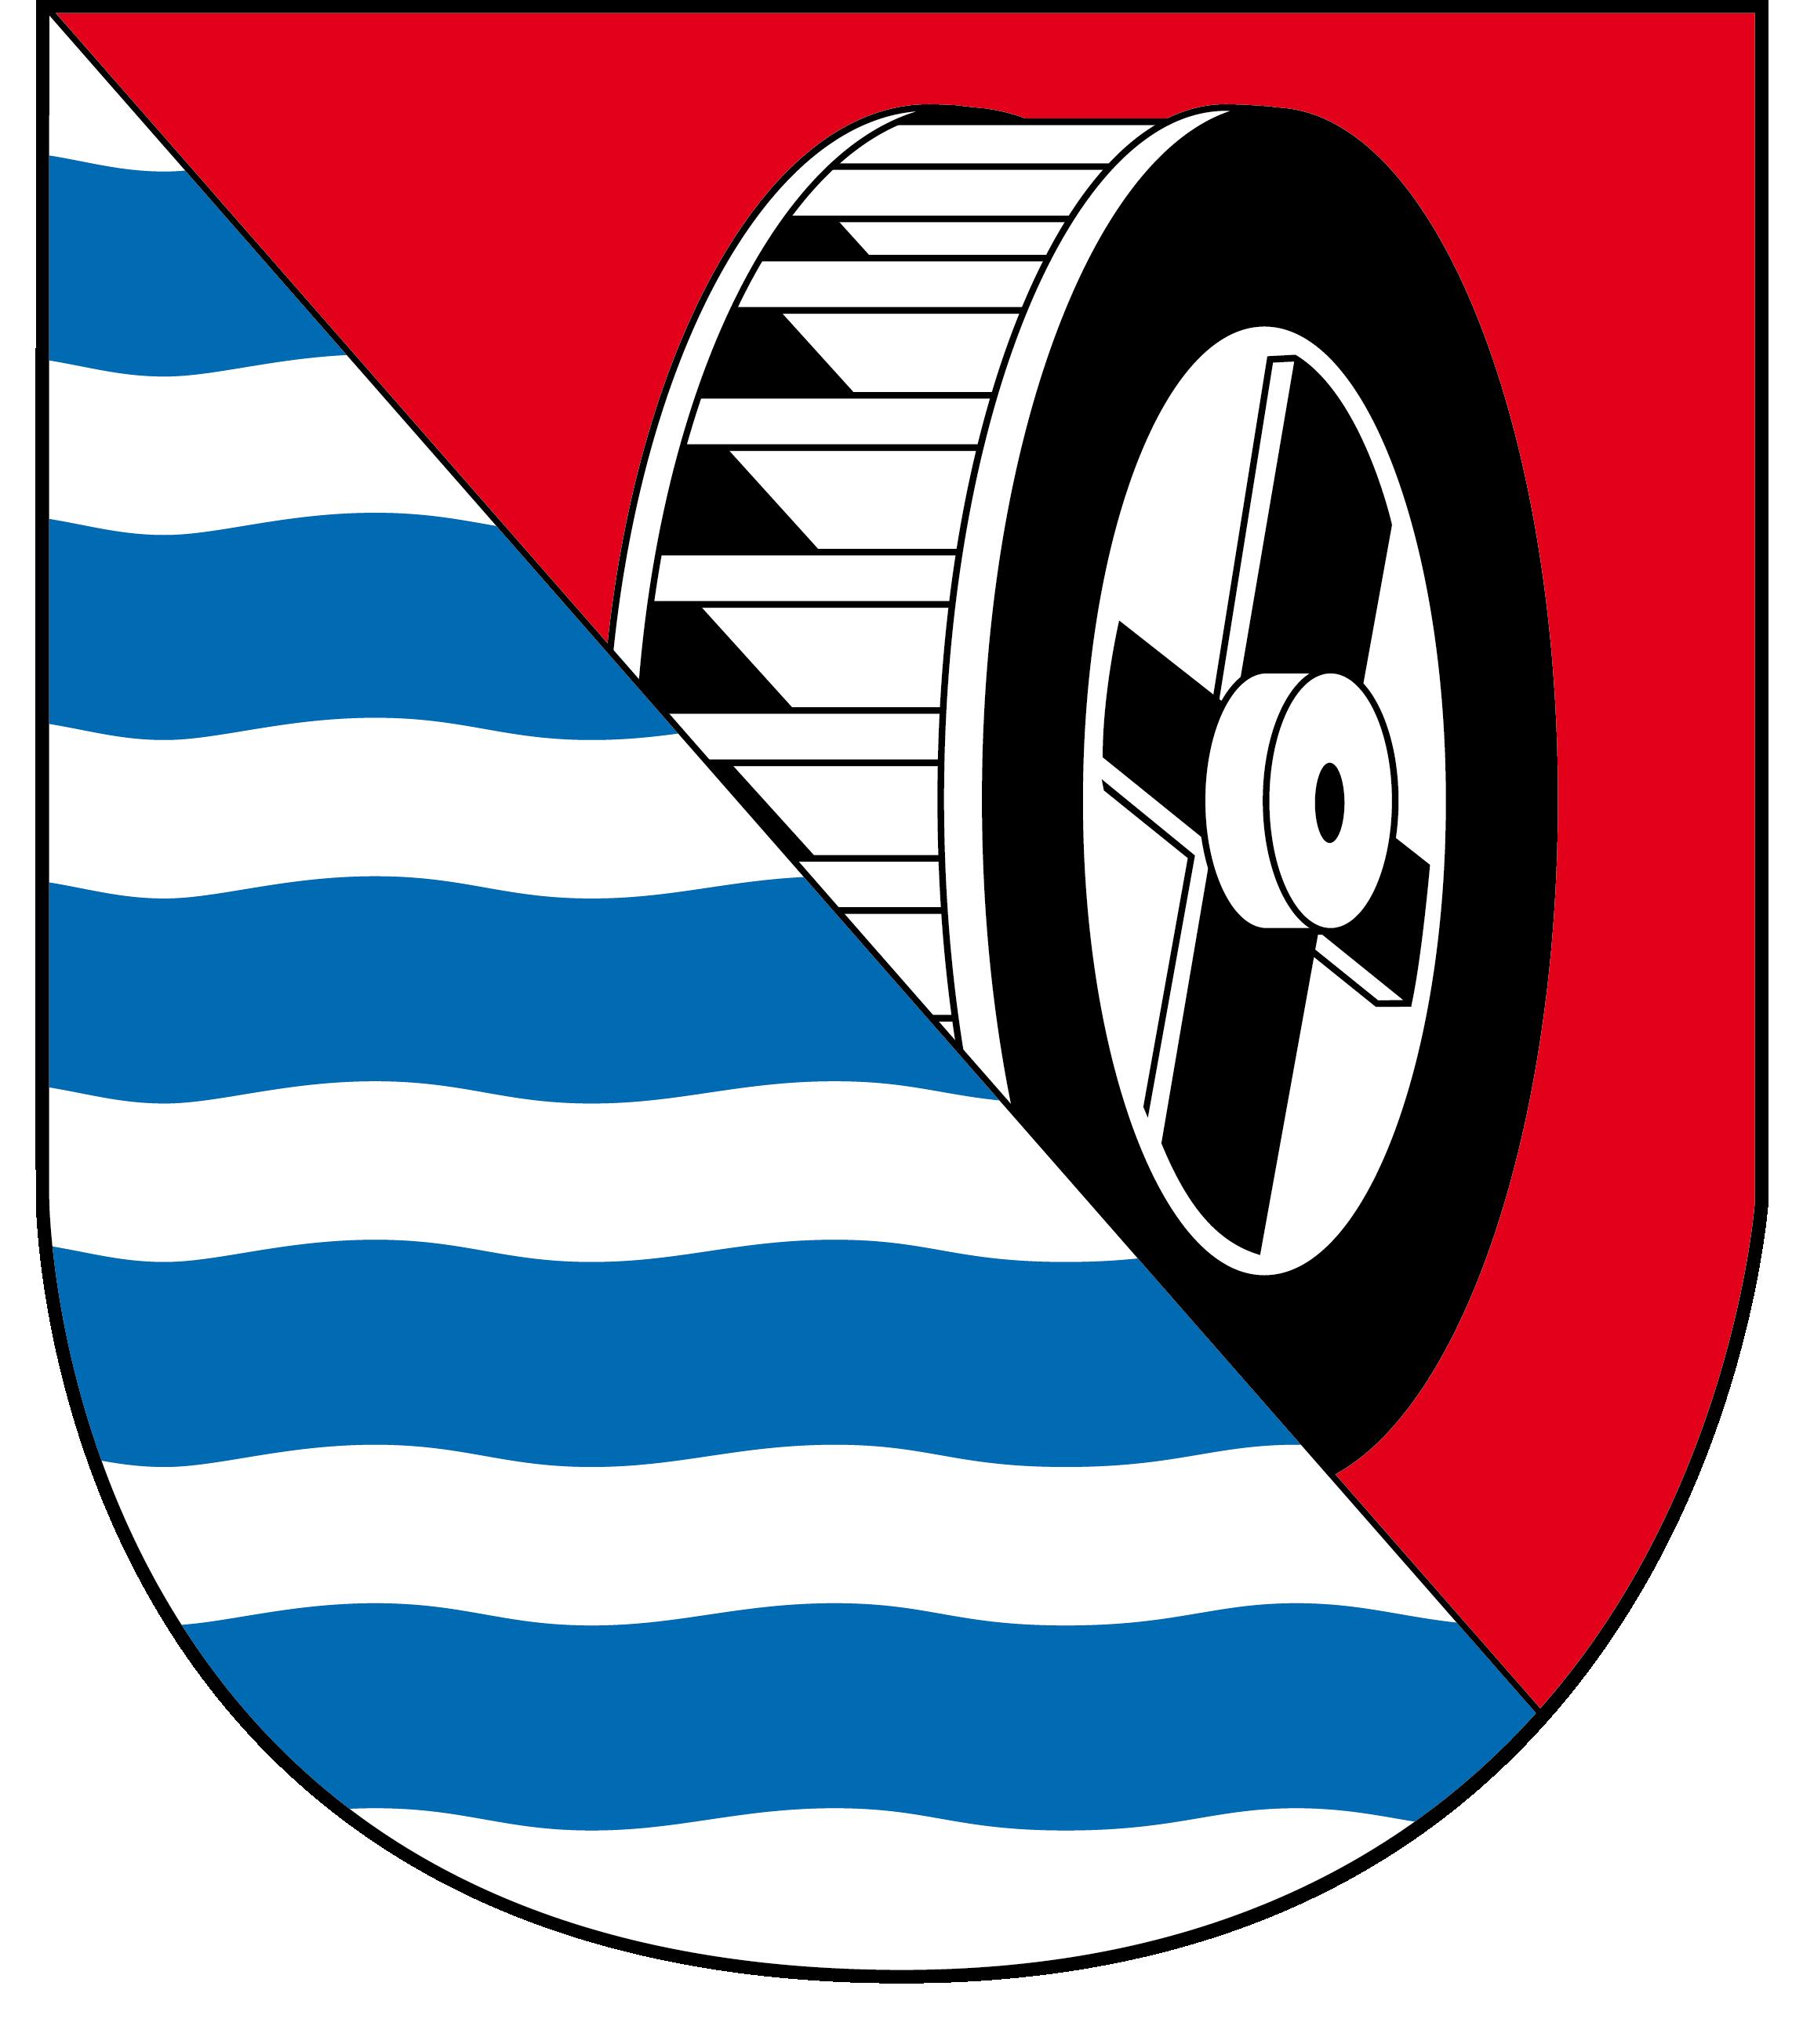 Wappen_Malente